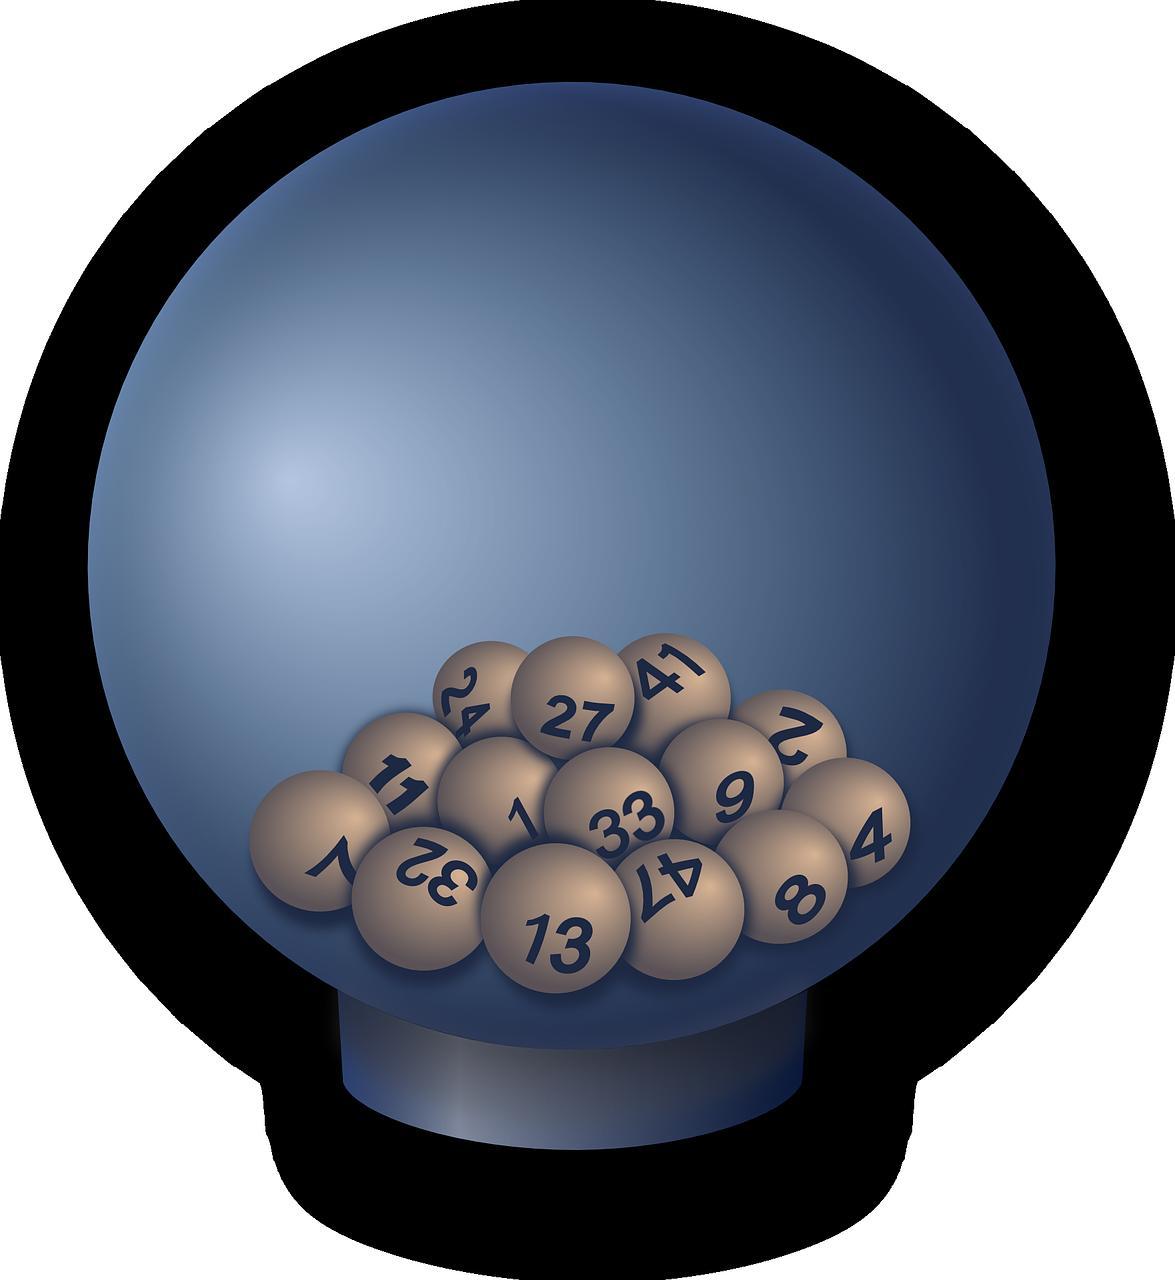 Jak sprawdzać wyniki w systemie Lotto?